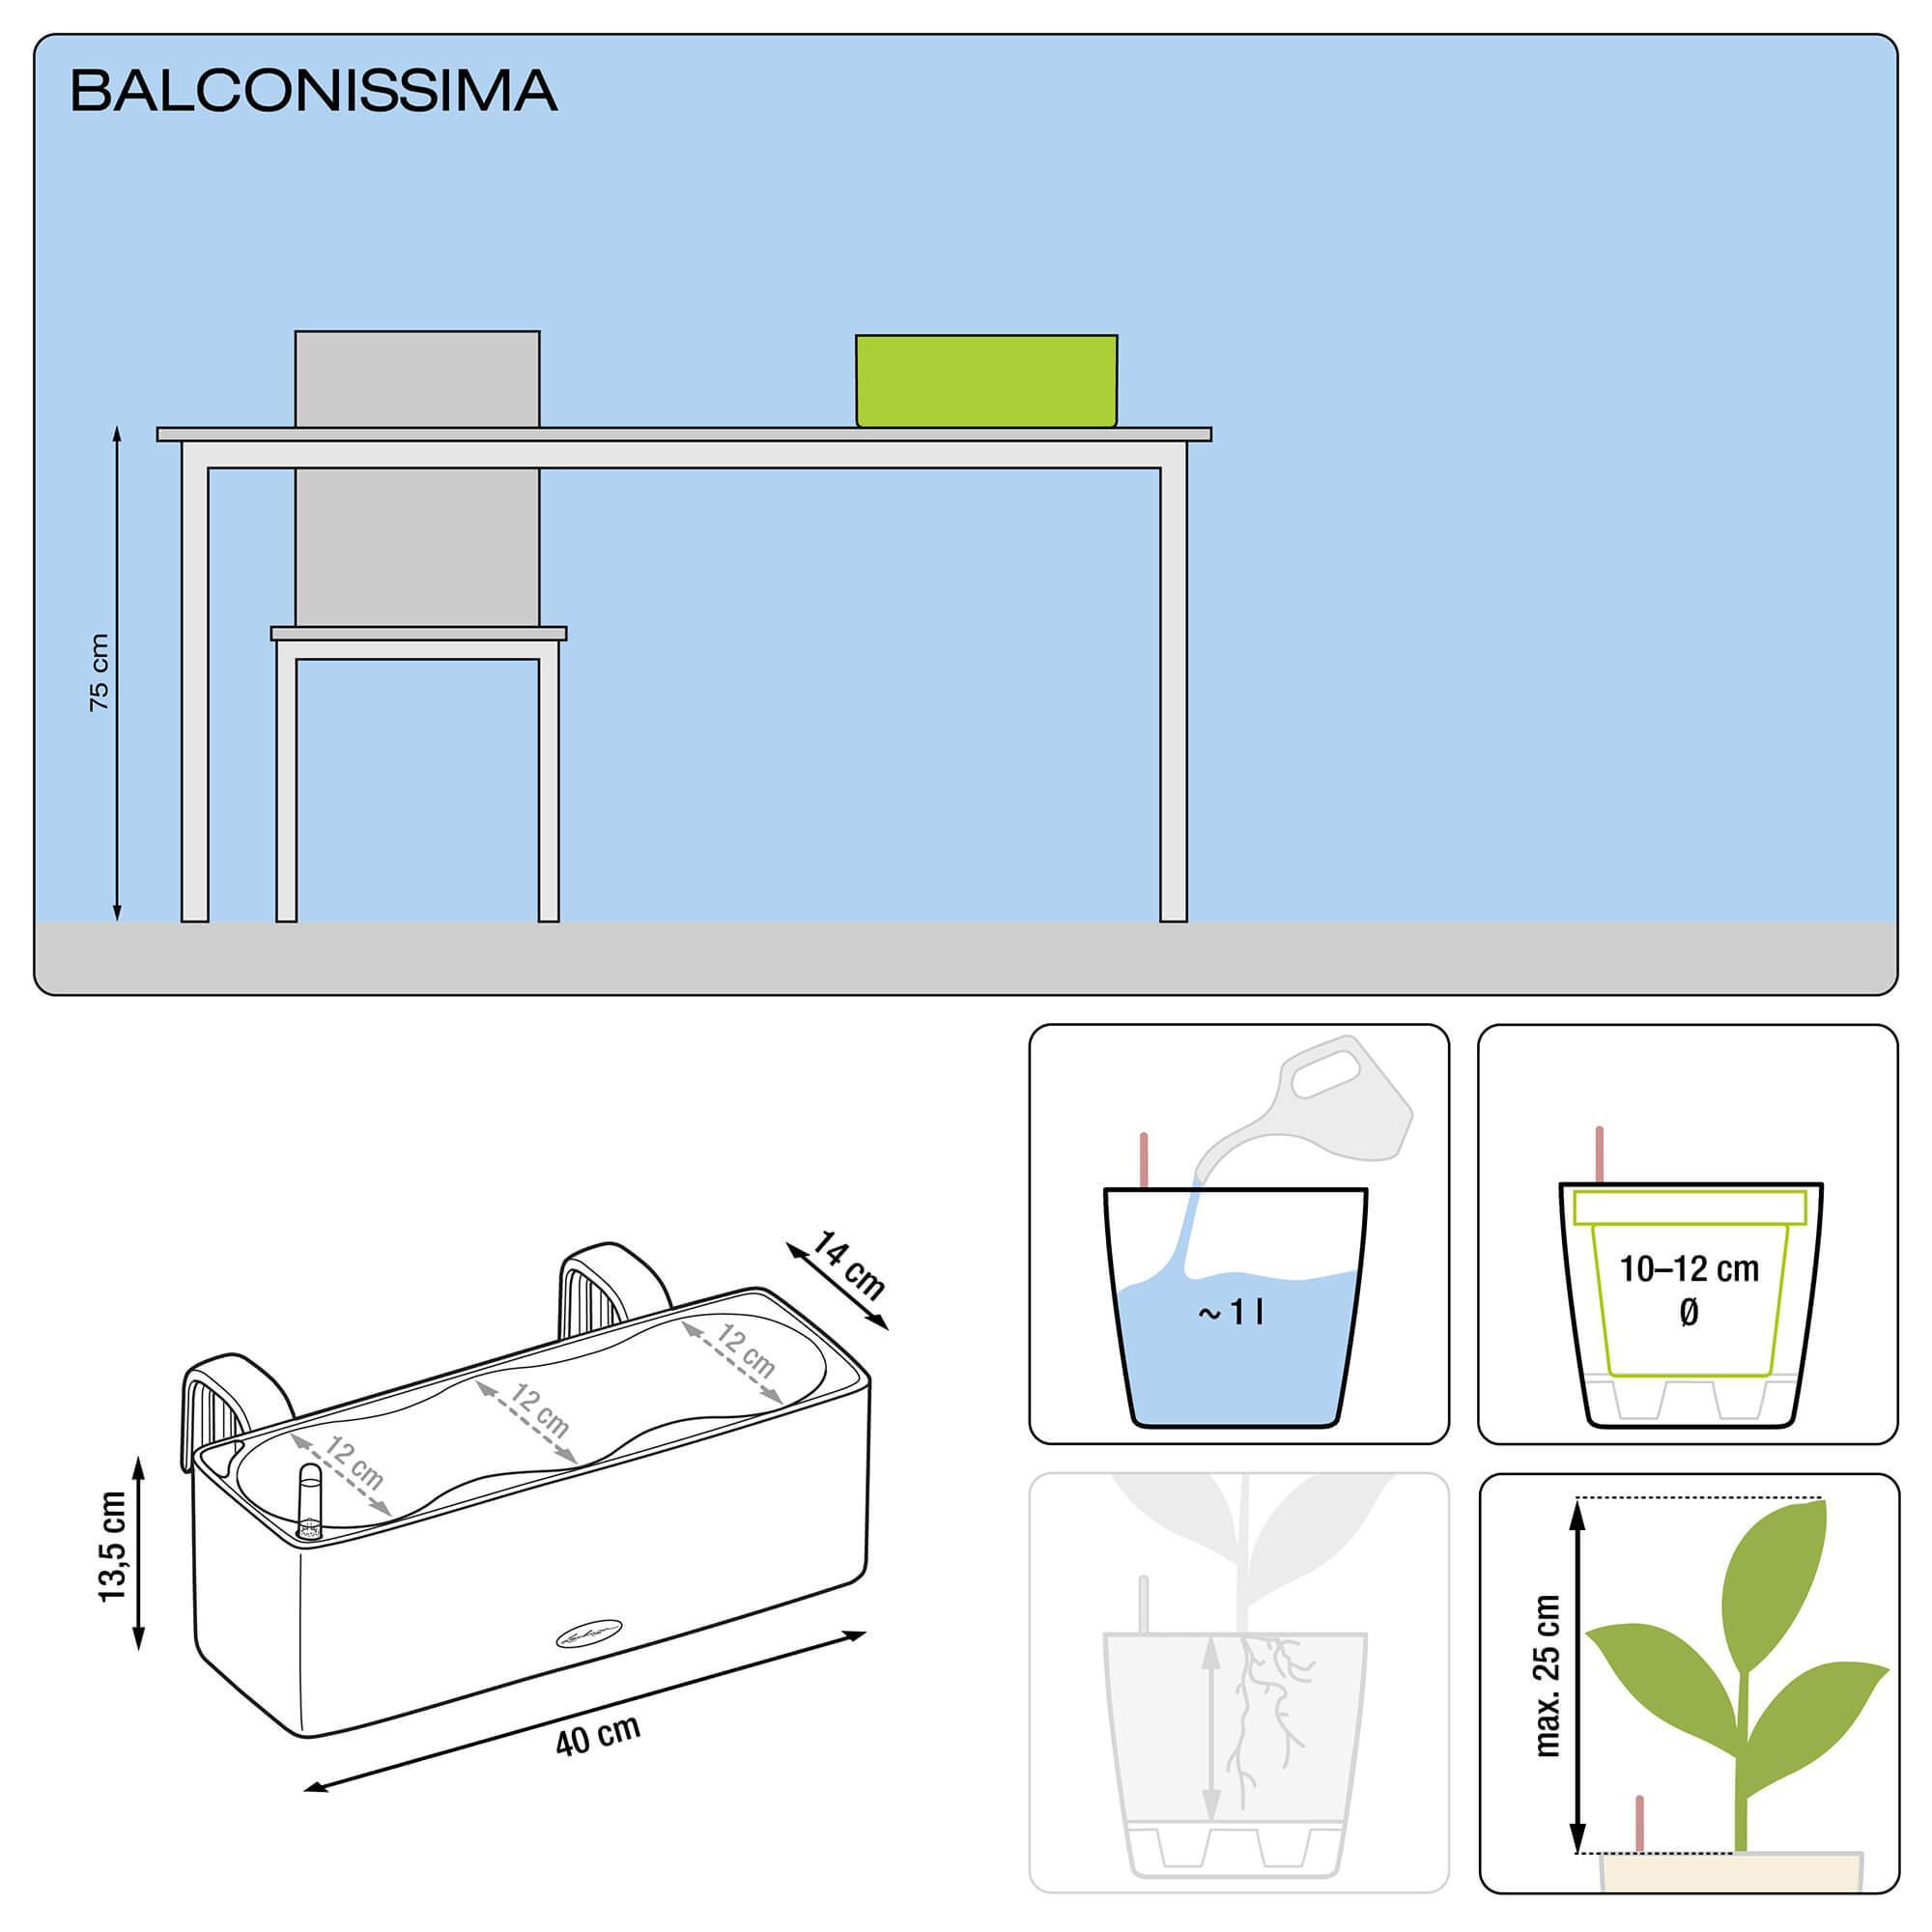 le_balconissima-color_product_addi_nz